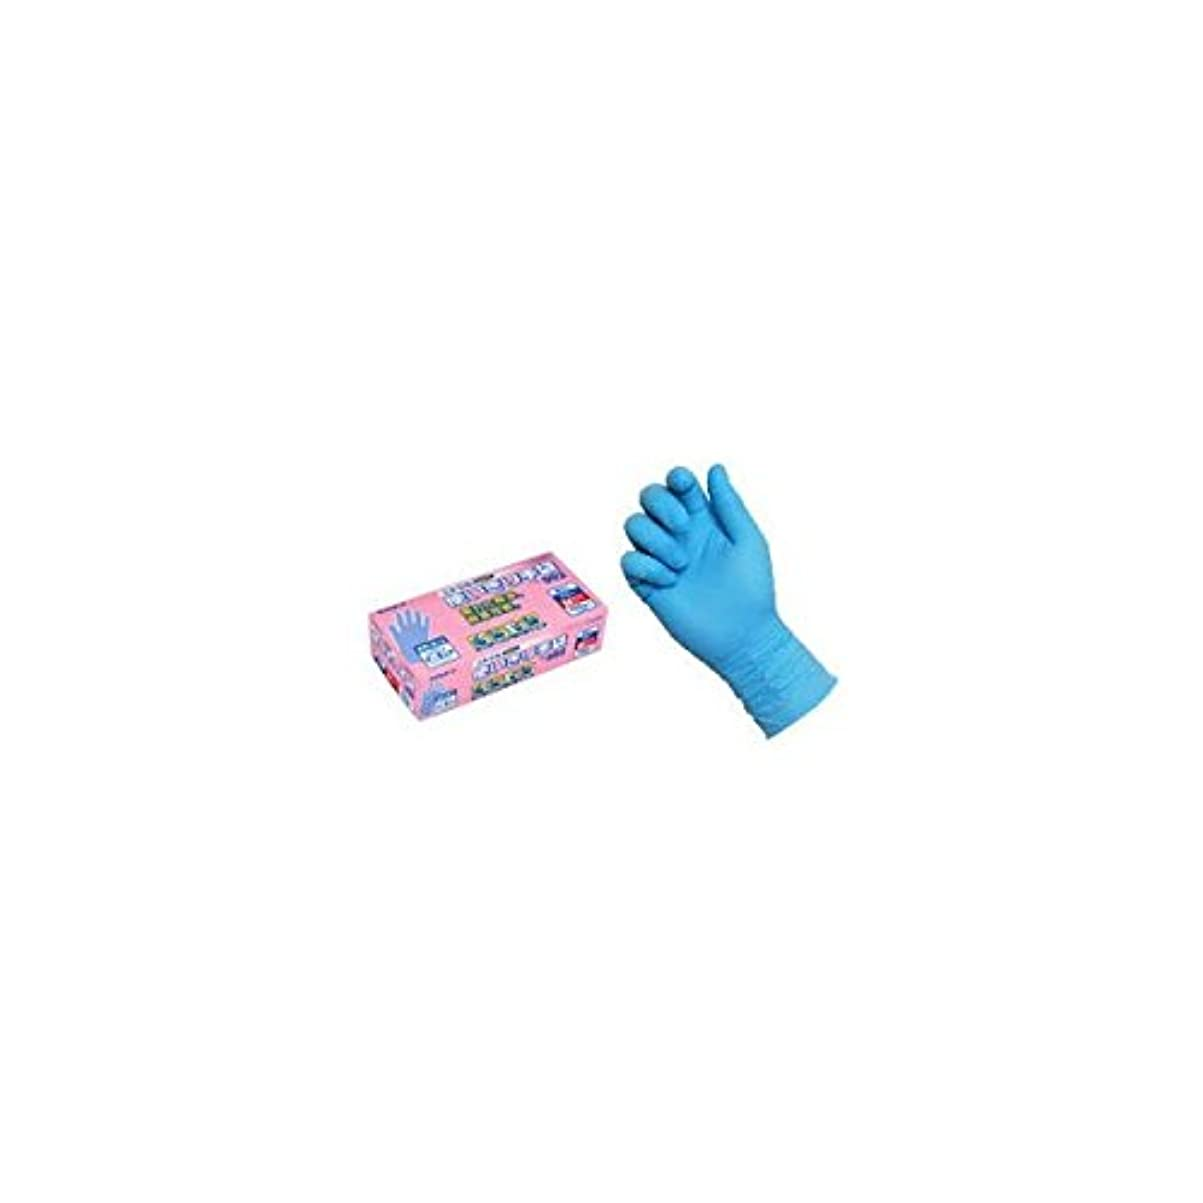 心配するアプライアンス北ニトリル使いきり手袋 PF NO.992 L ブルー エステー 【商品CD】ST4786